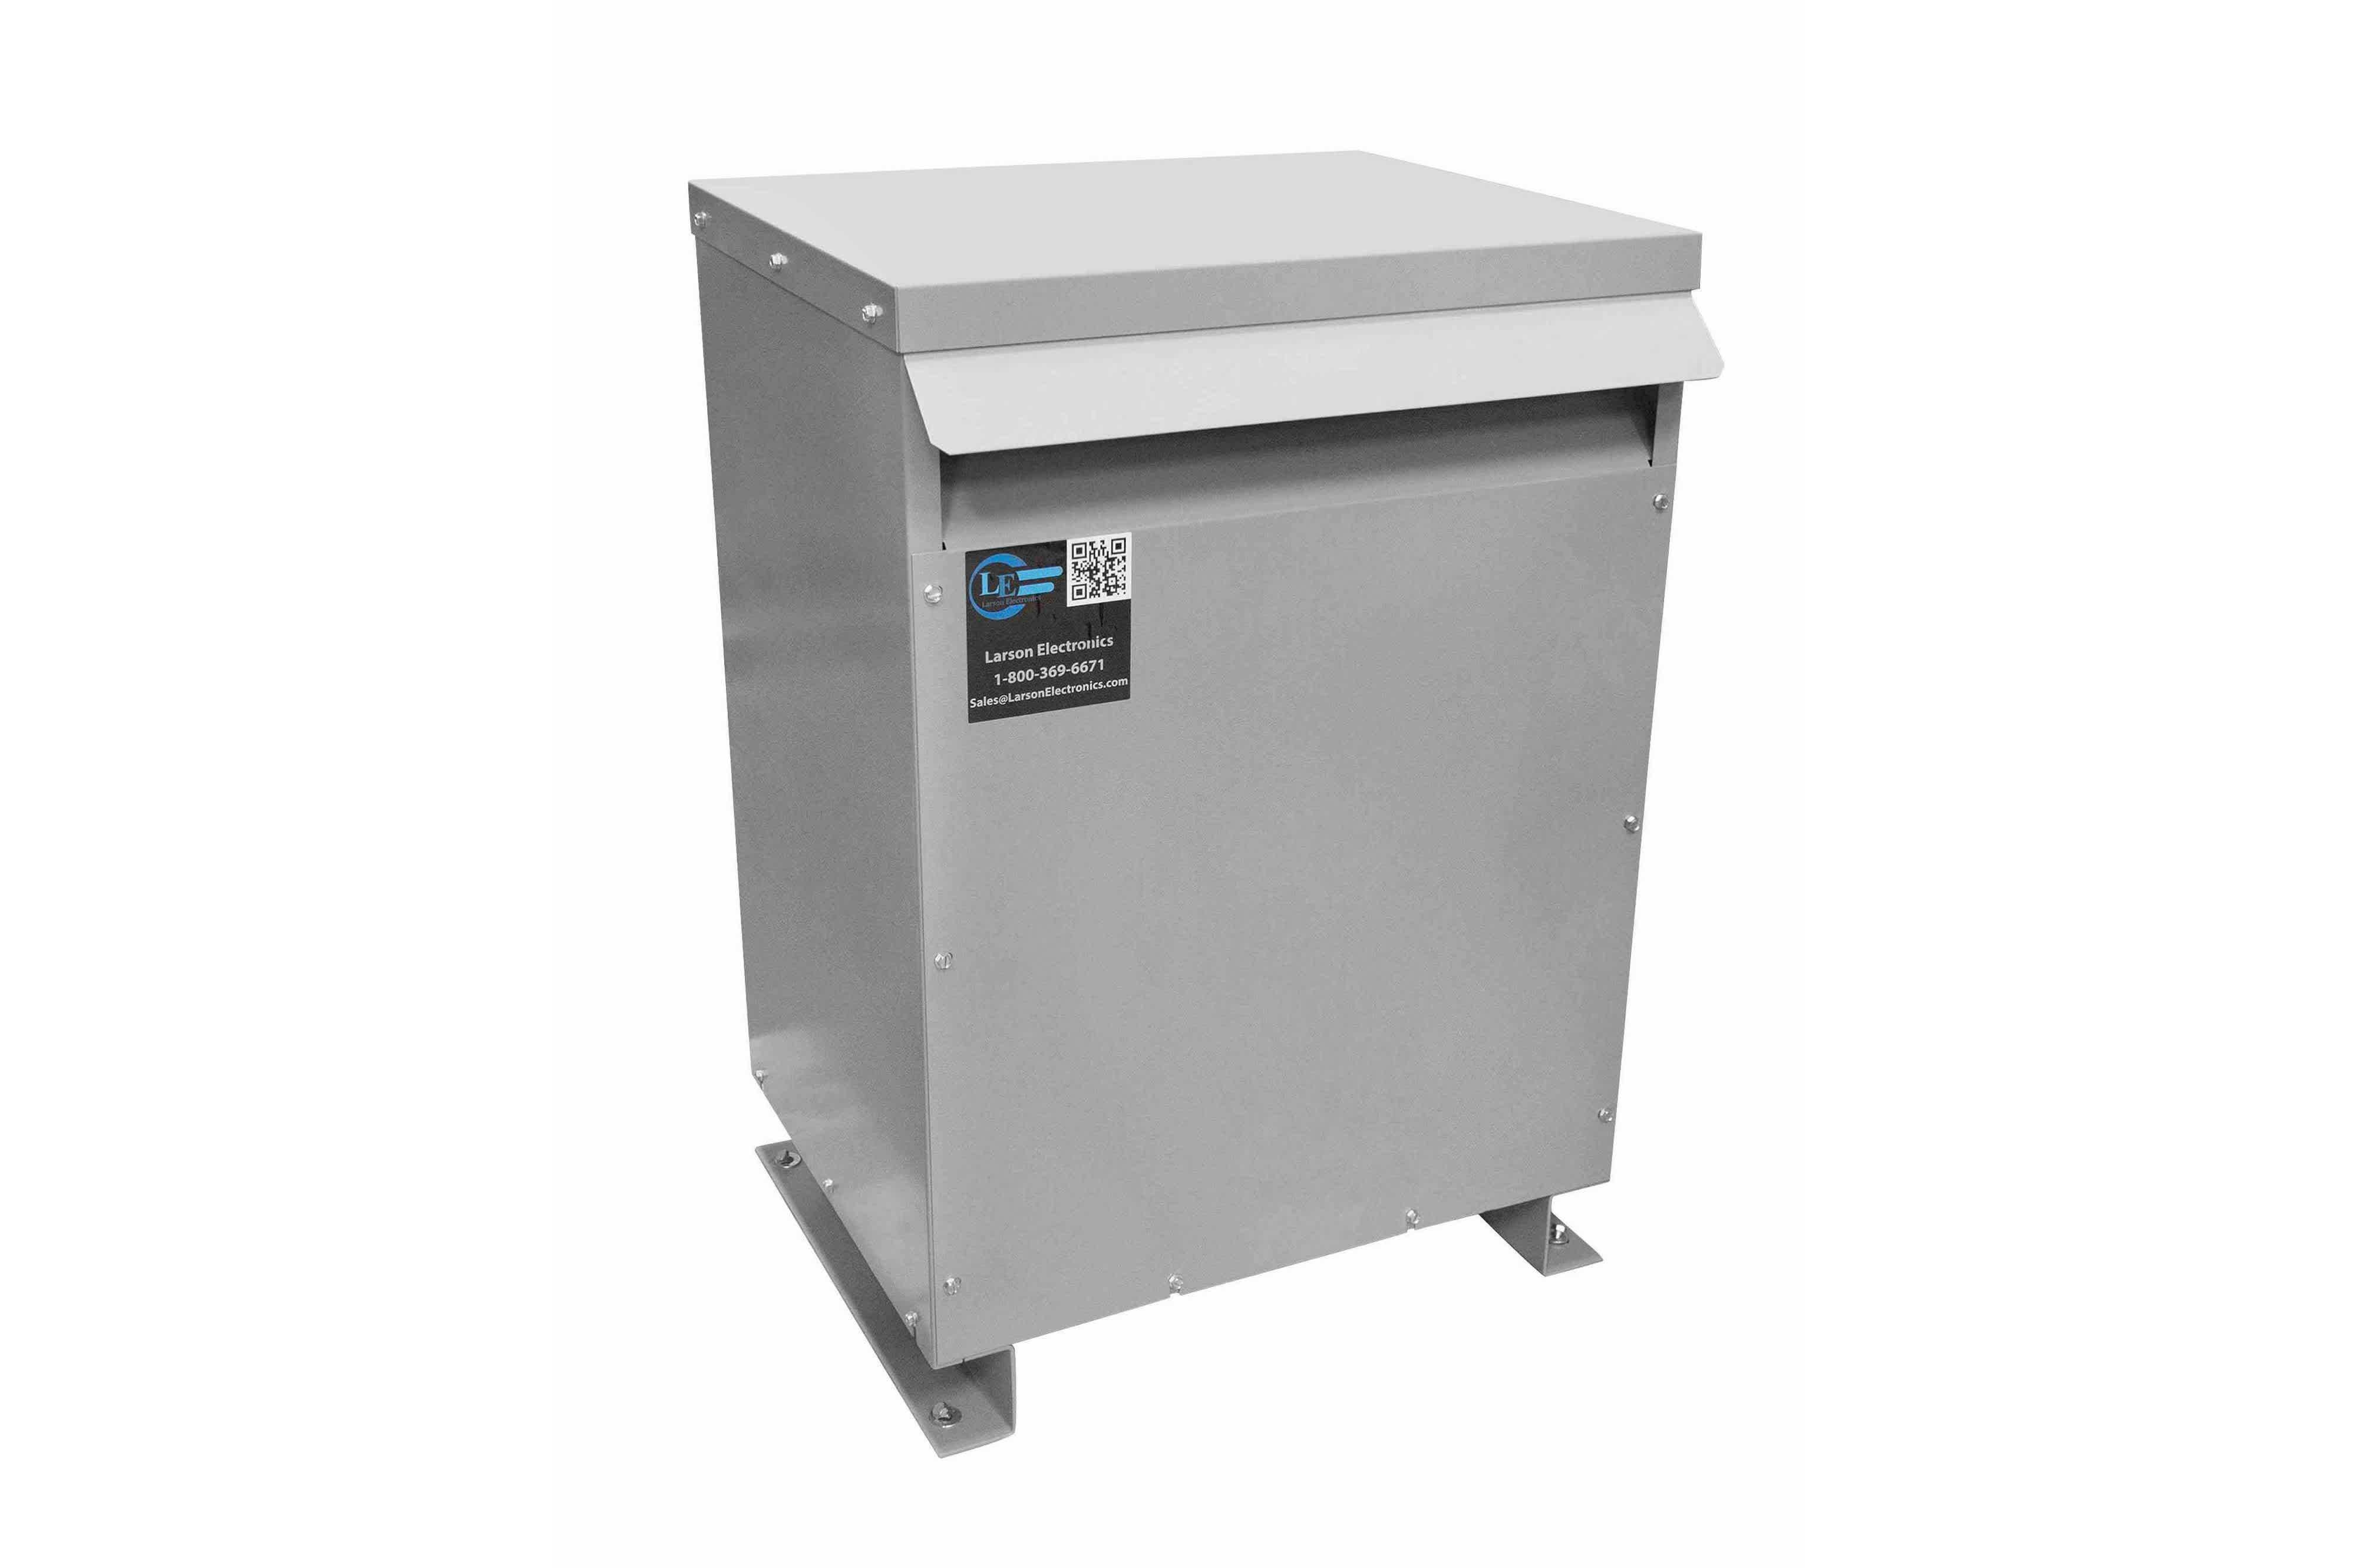 65 kVA 3PH Isolation Transformer, 230V Delta Primary, 480V Delta Secondary, N3R, Ventilated, 60 Hz